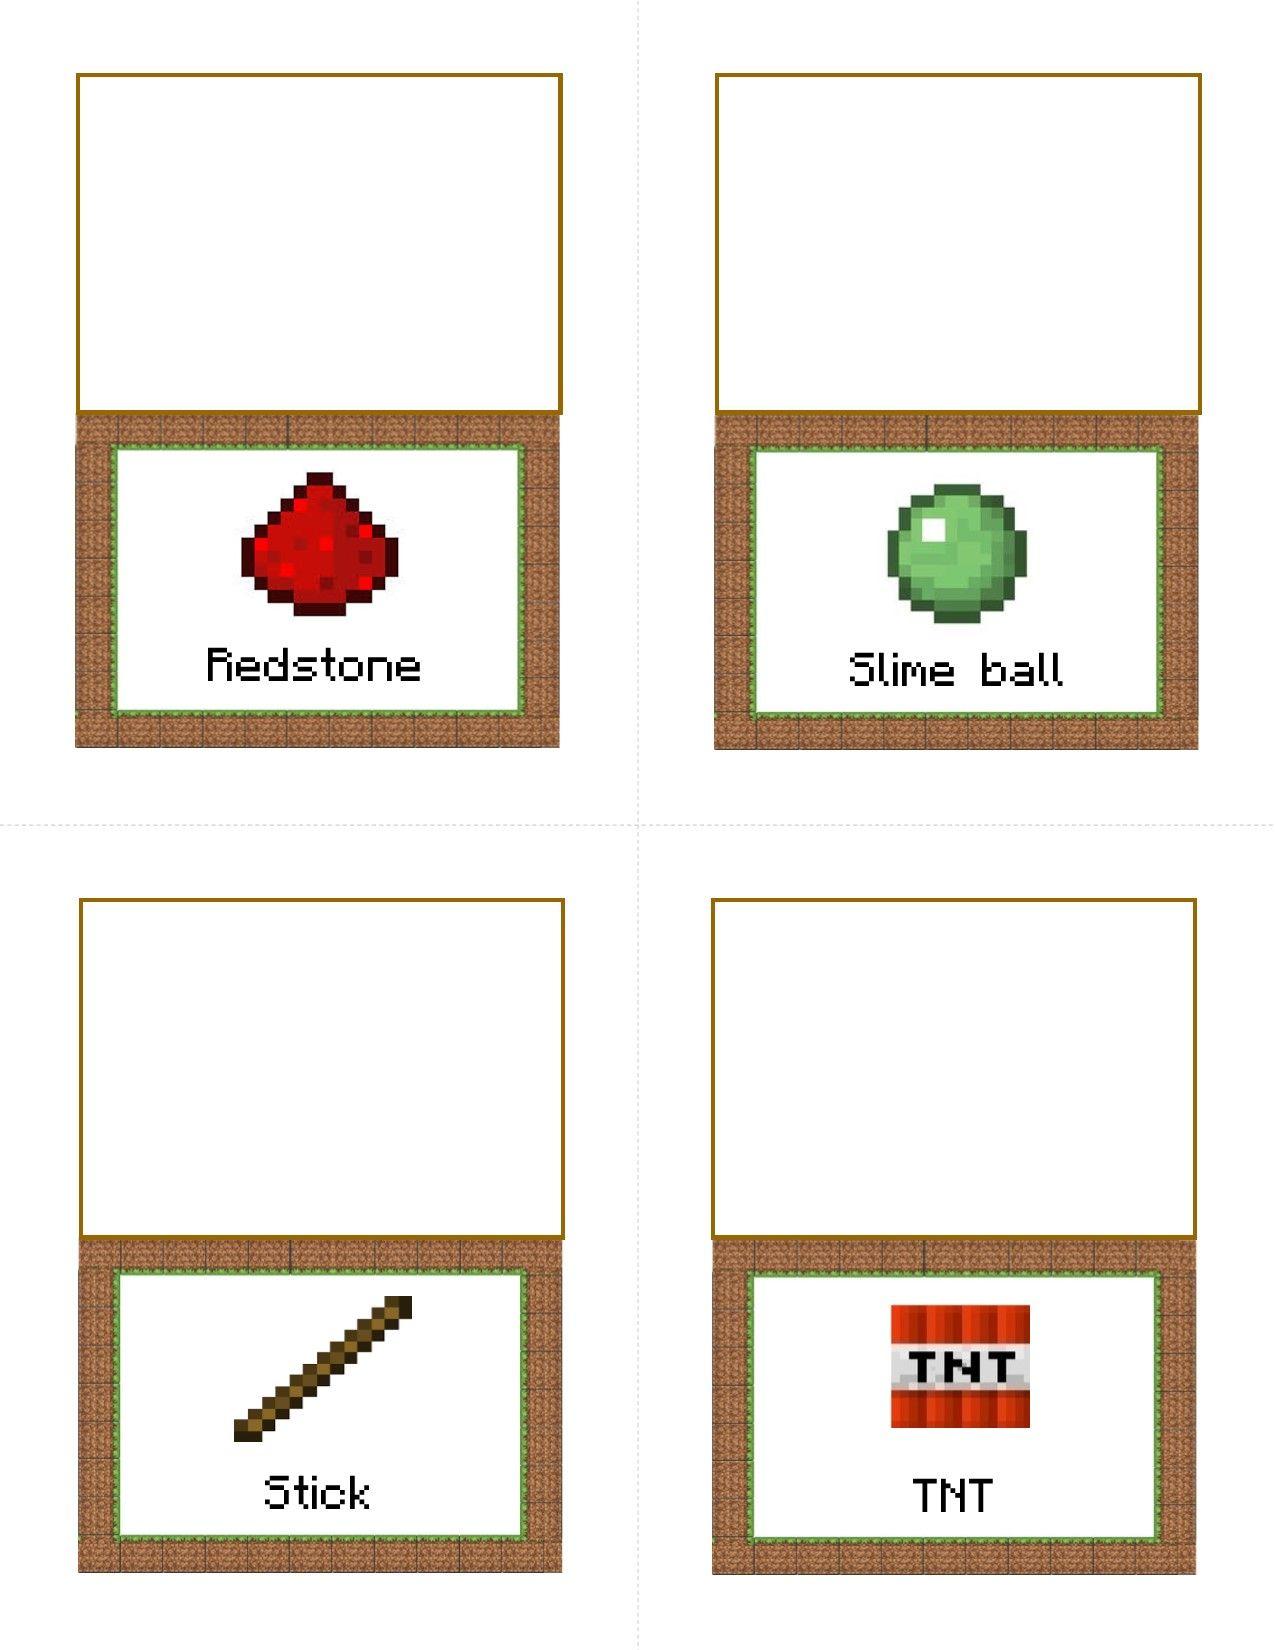 How To Get Sticks In Minecraft